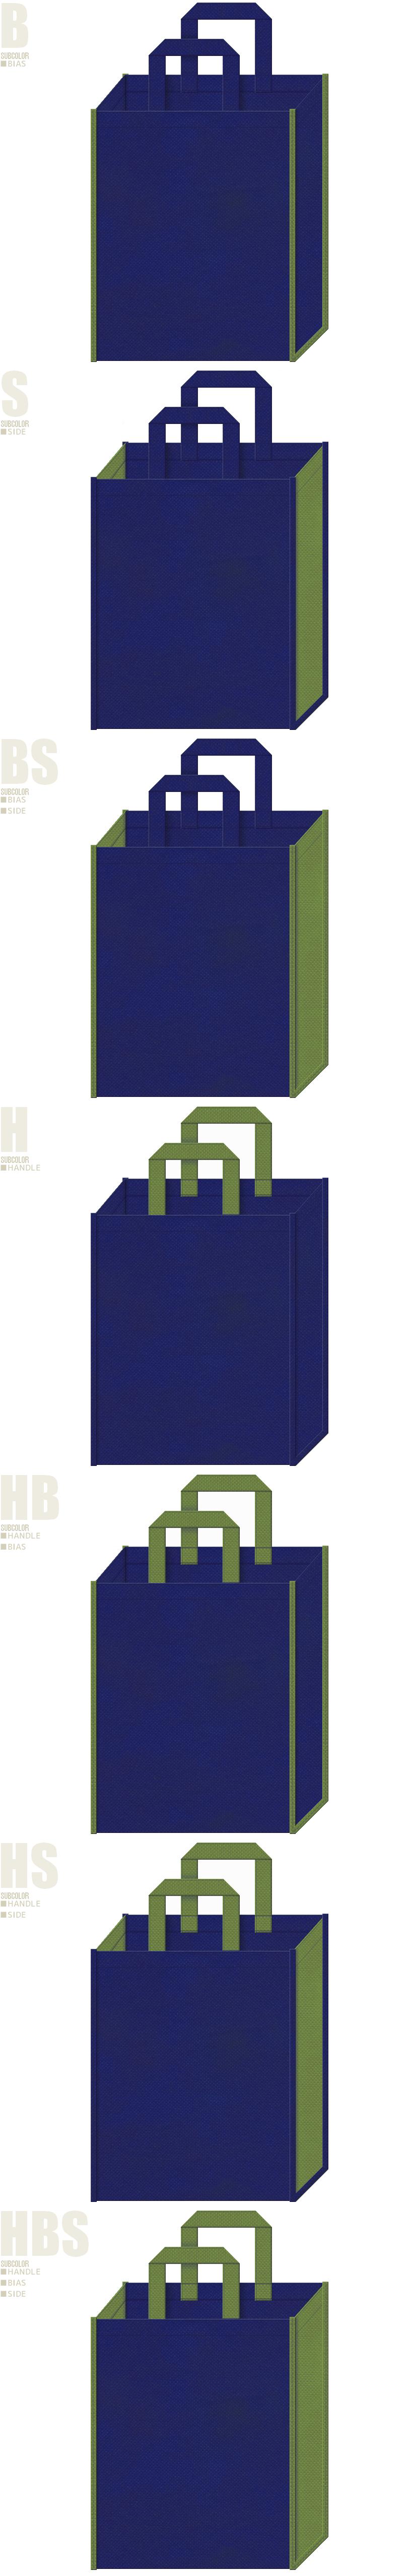 紺紫色と草色-7パターンの不織布トートバッグ配色デザイン例